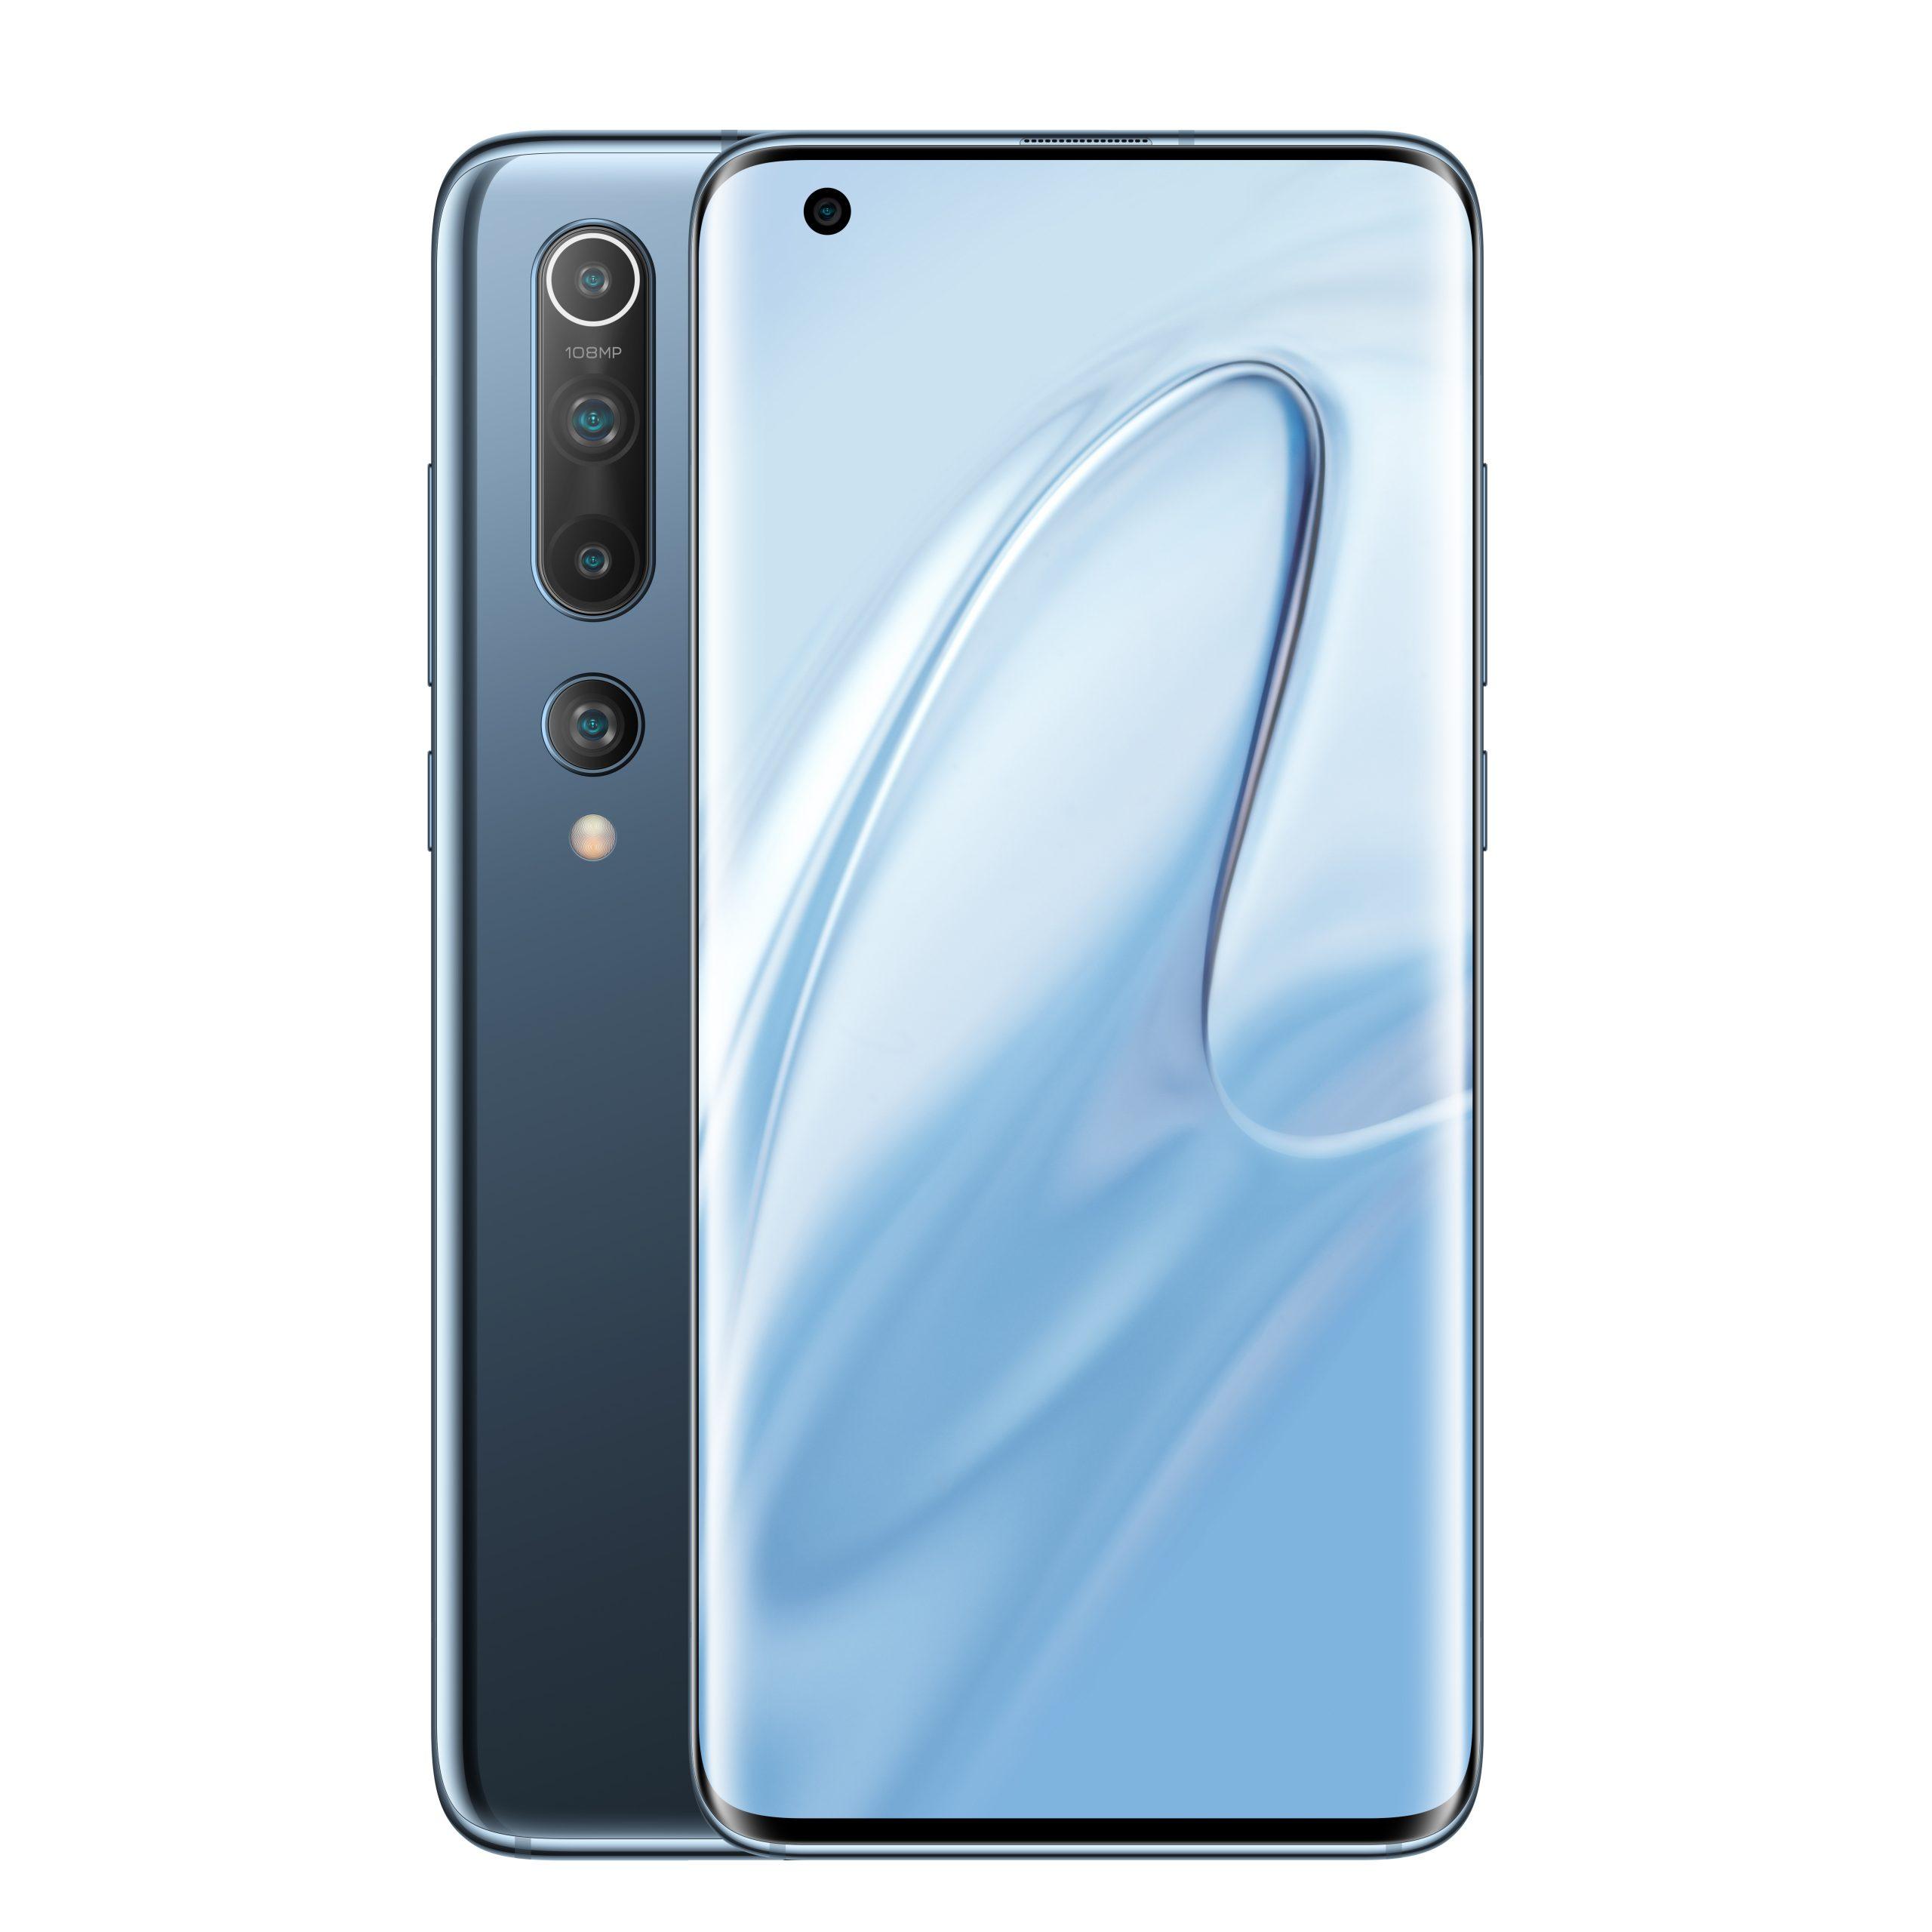 Xiaomi Mi 10 (8GB Ram + 256GB GB) @ MI Benelux Store